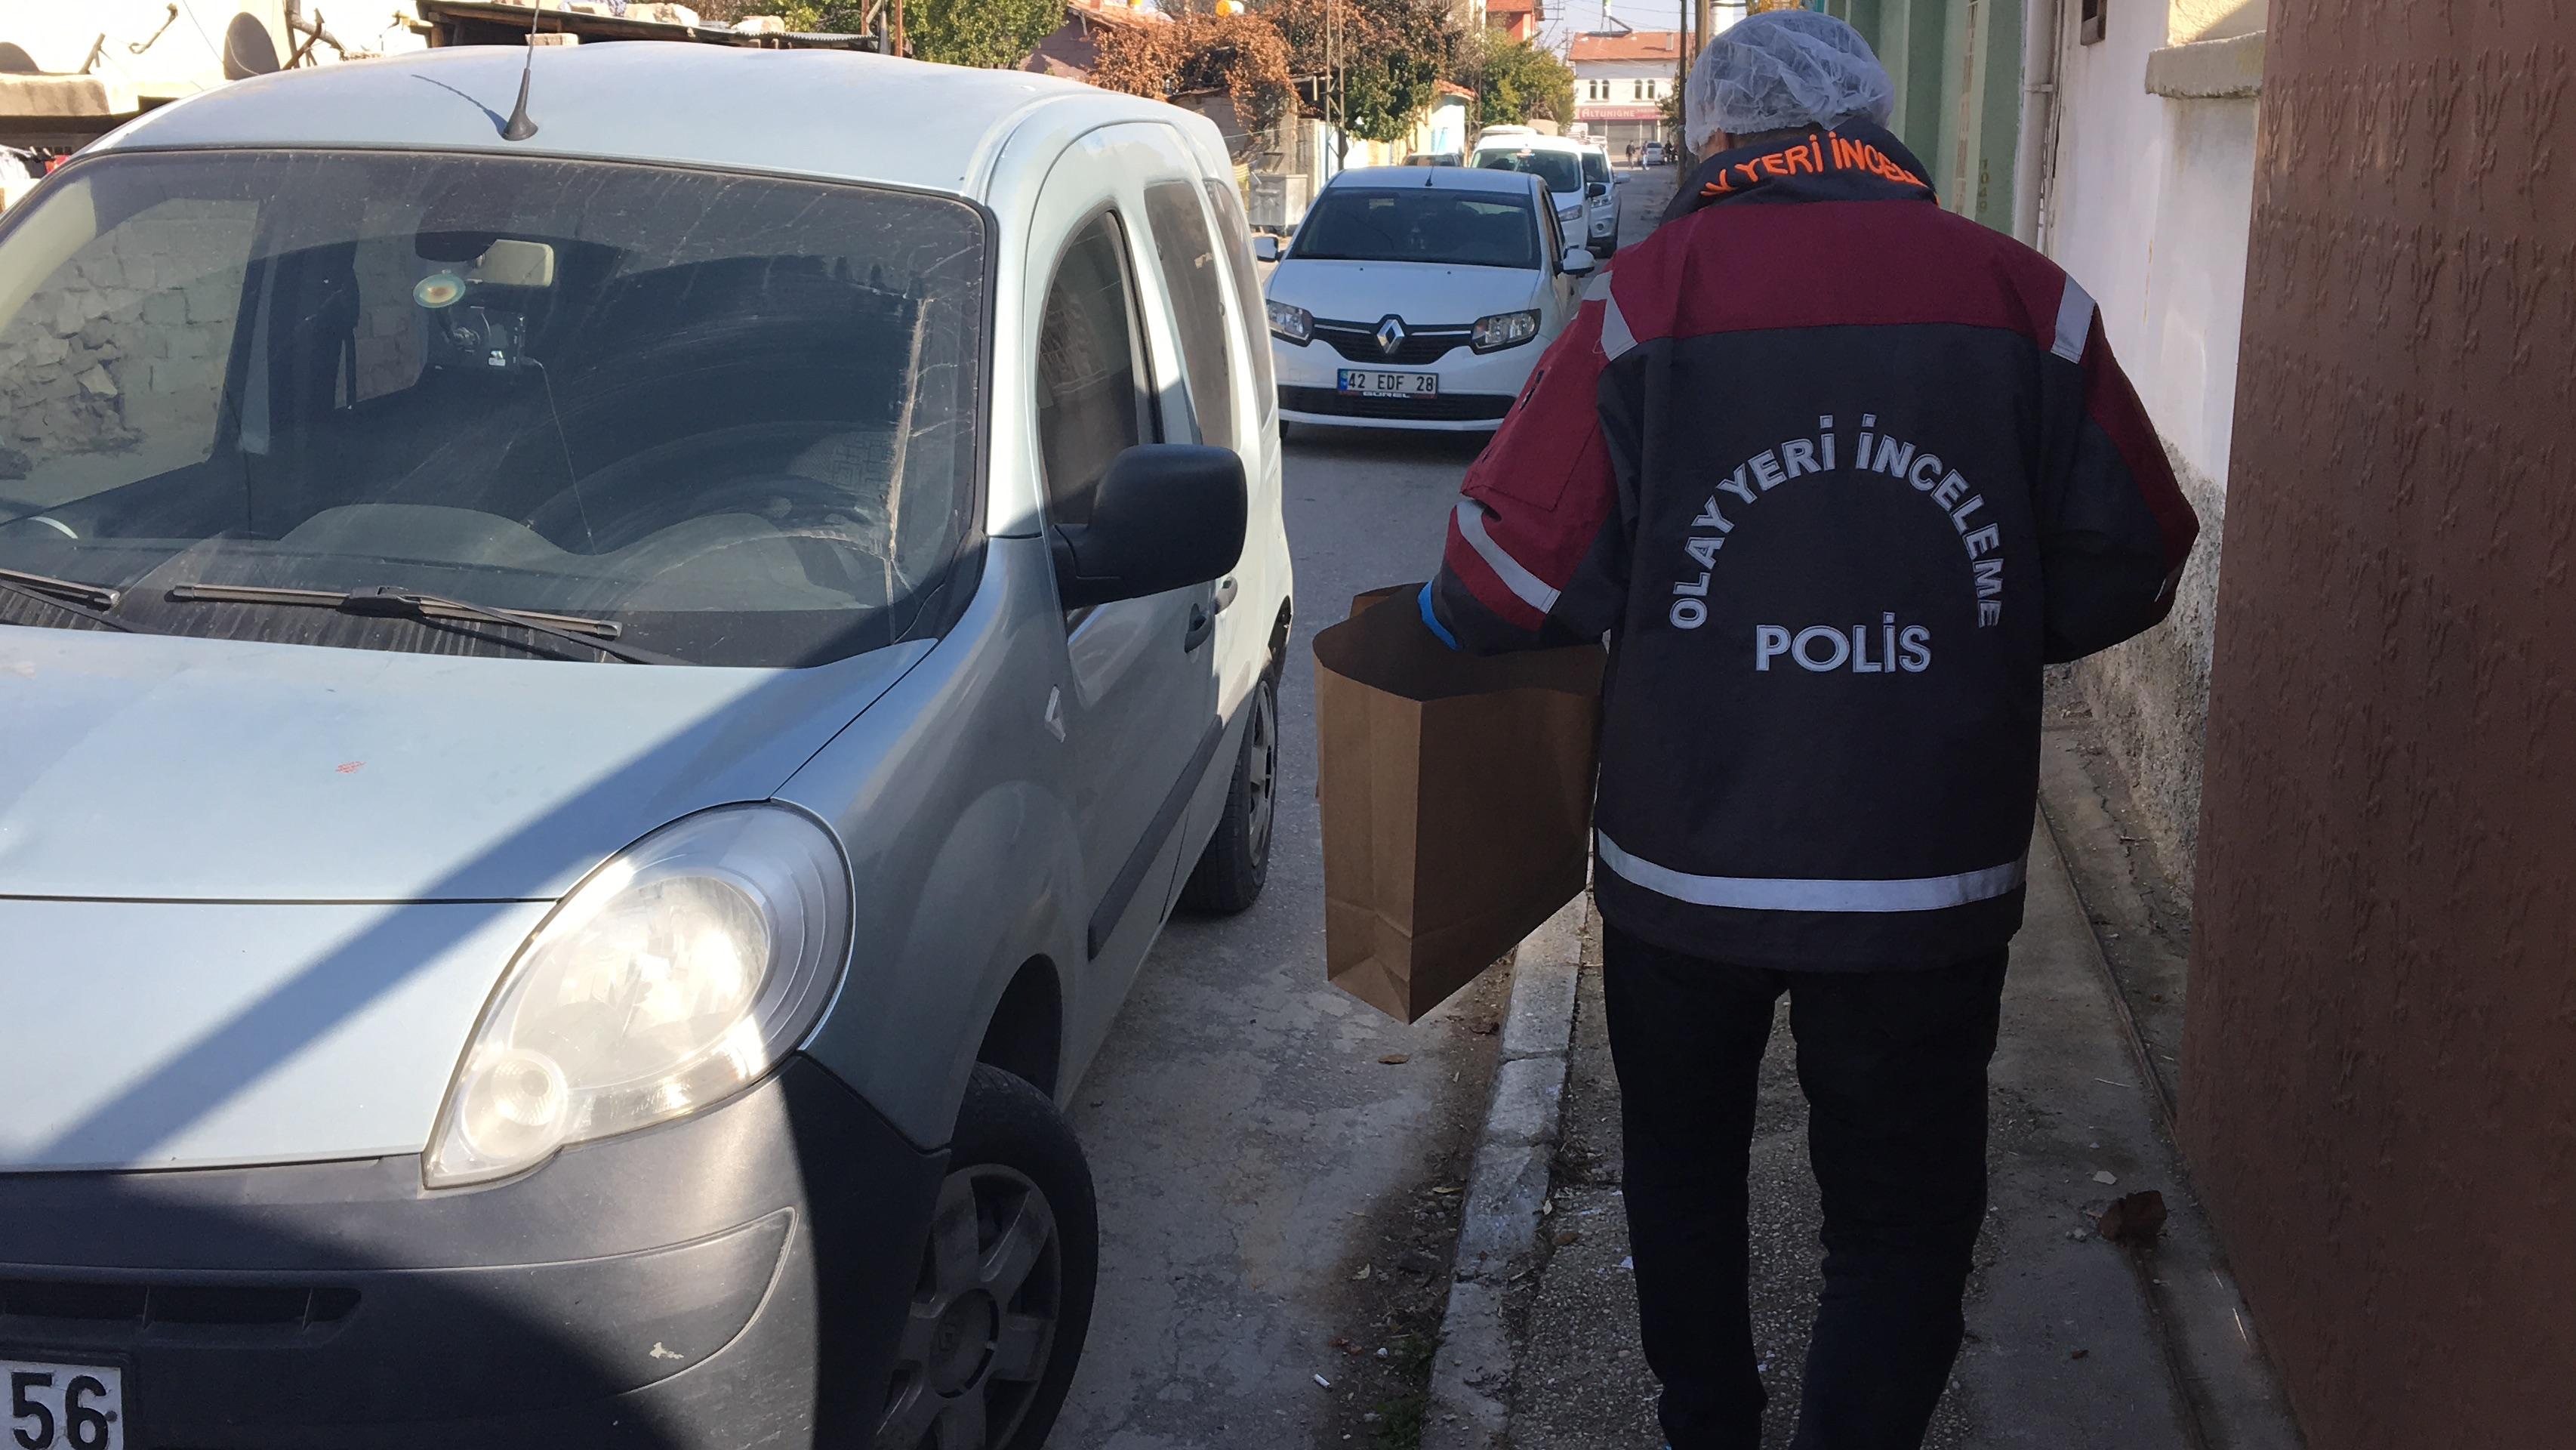 Konya Haber:  Konya'da Suriye uyruklu hamile kadının gasbedildiği iddiası